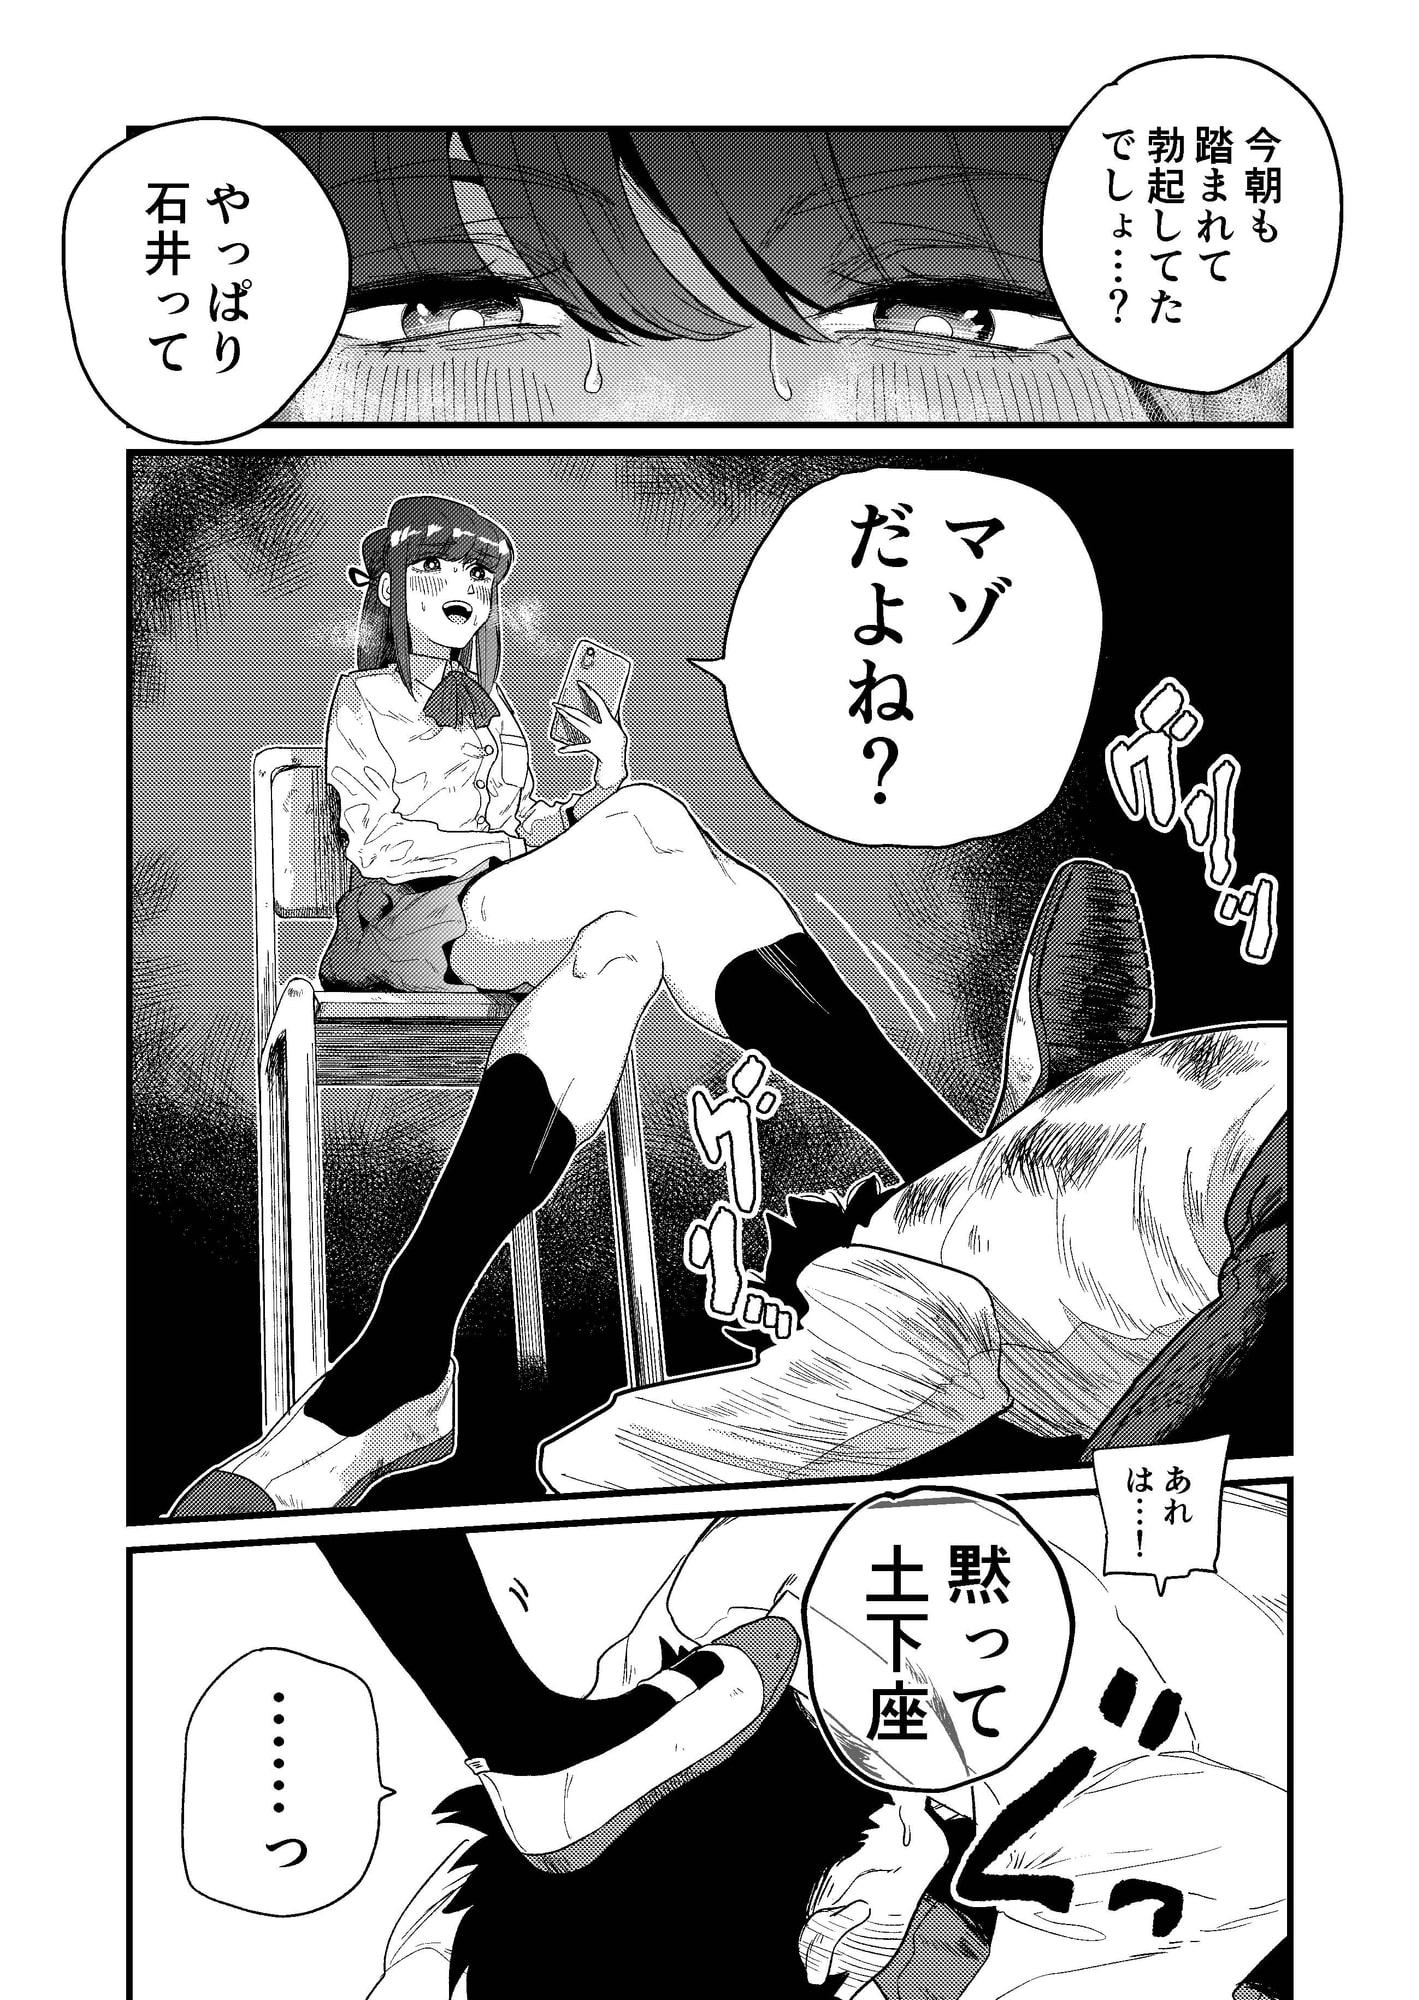 【エロ漫画】マゾ狩り西野さん 逆転無し×射精管理「サークル:ももちょび」【同人誌・コミック】#2